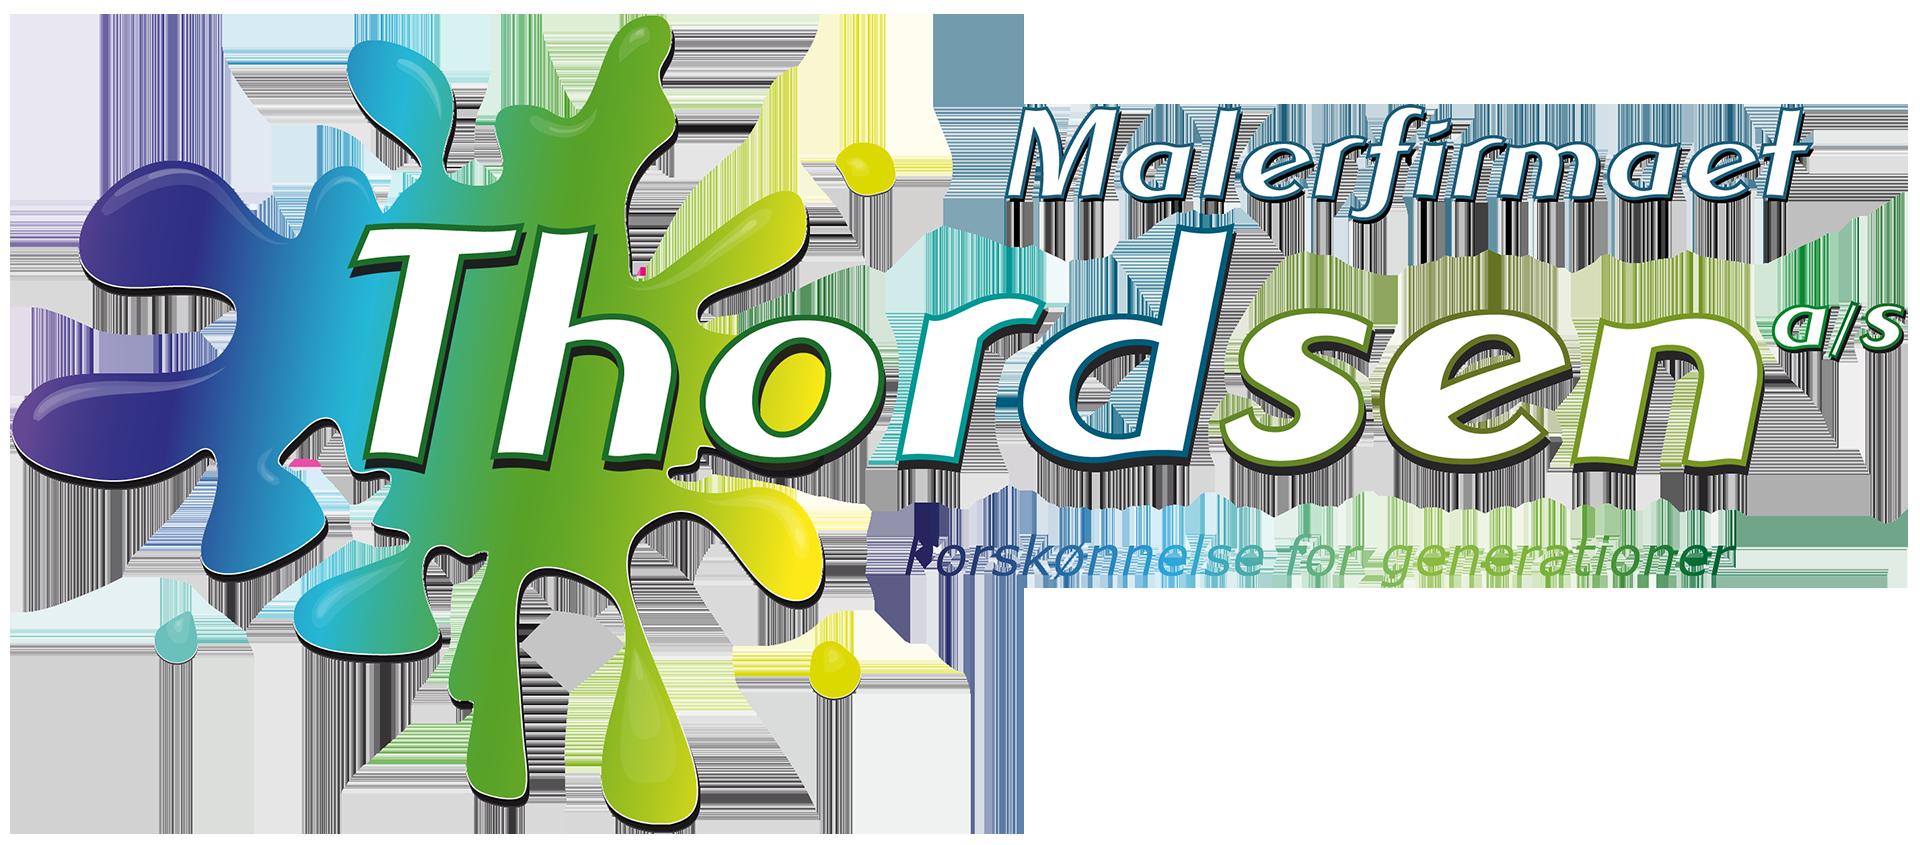 Velkommen til Malerfirmaet Thordsen A/S